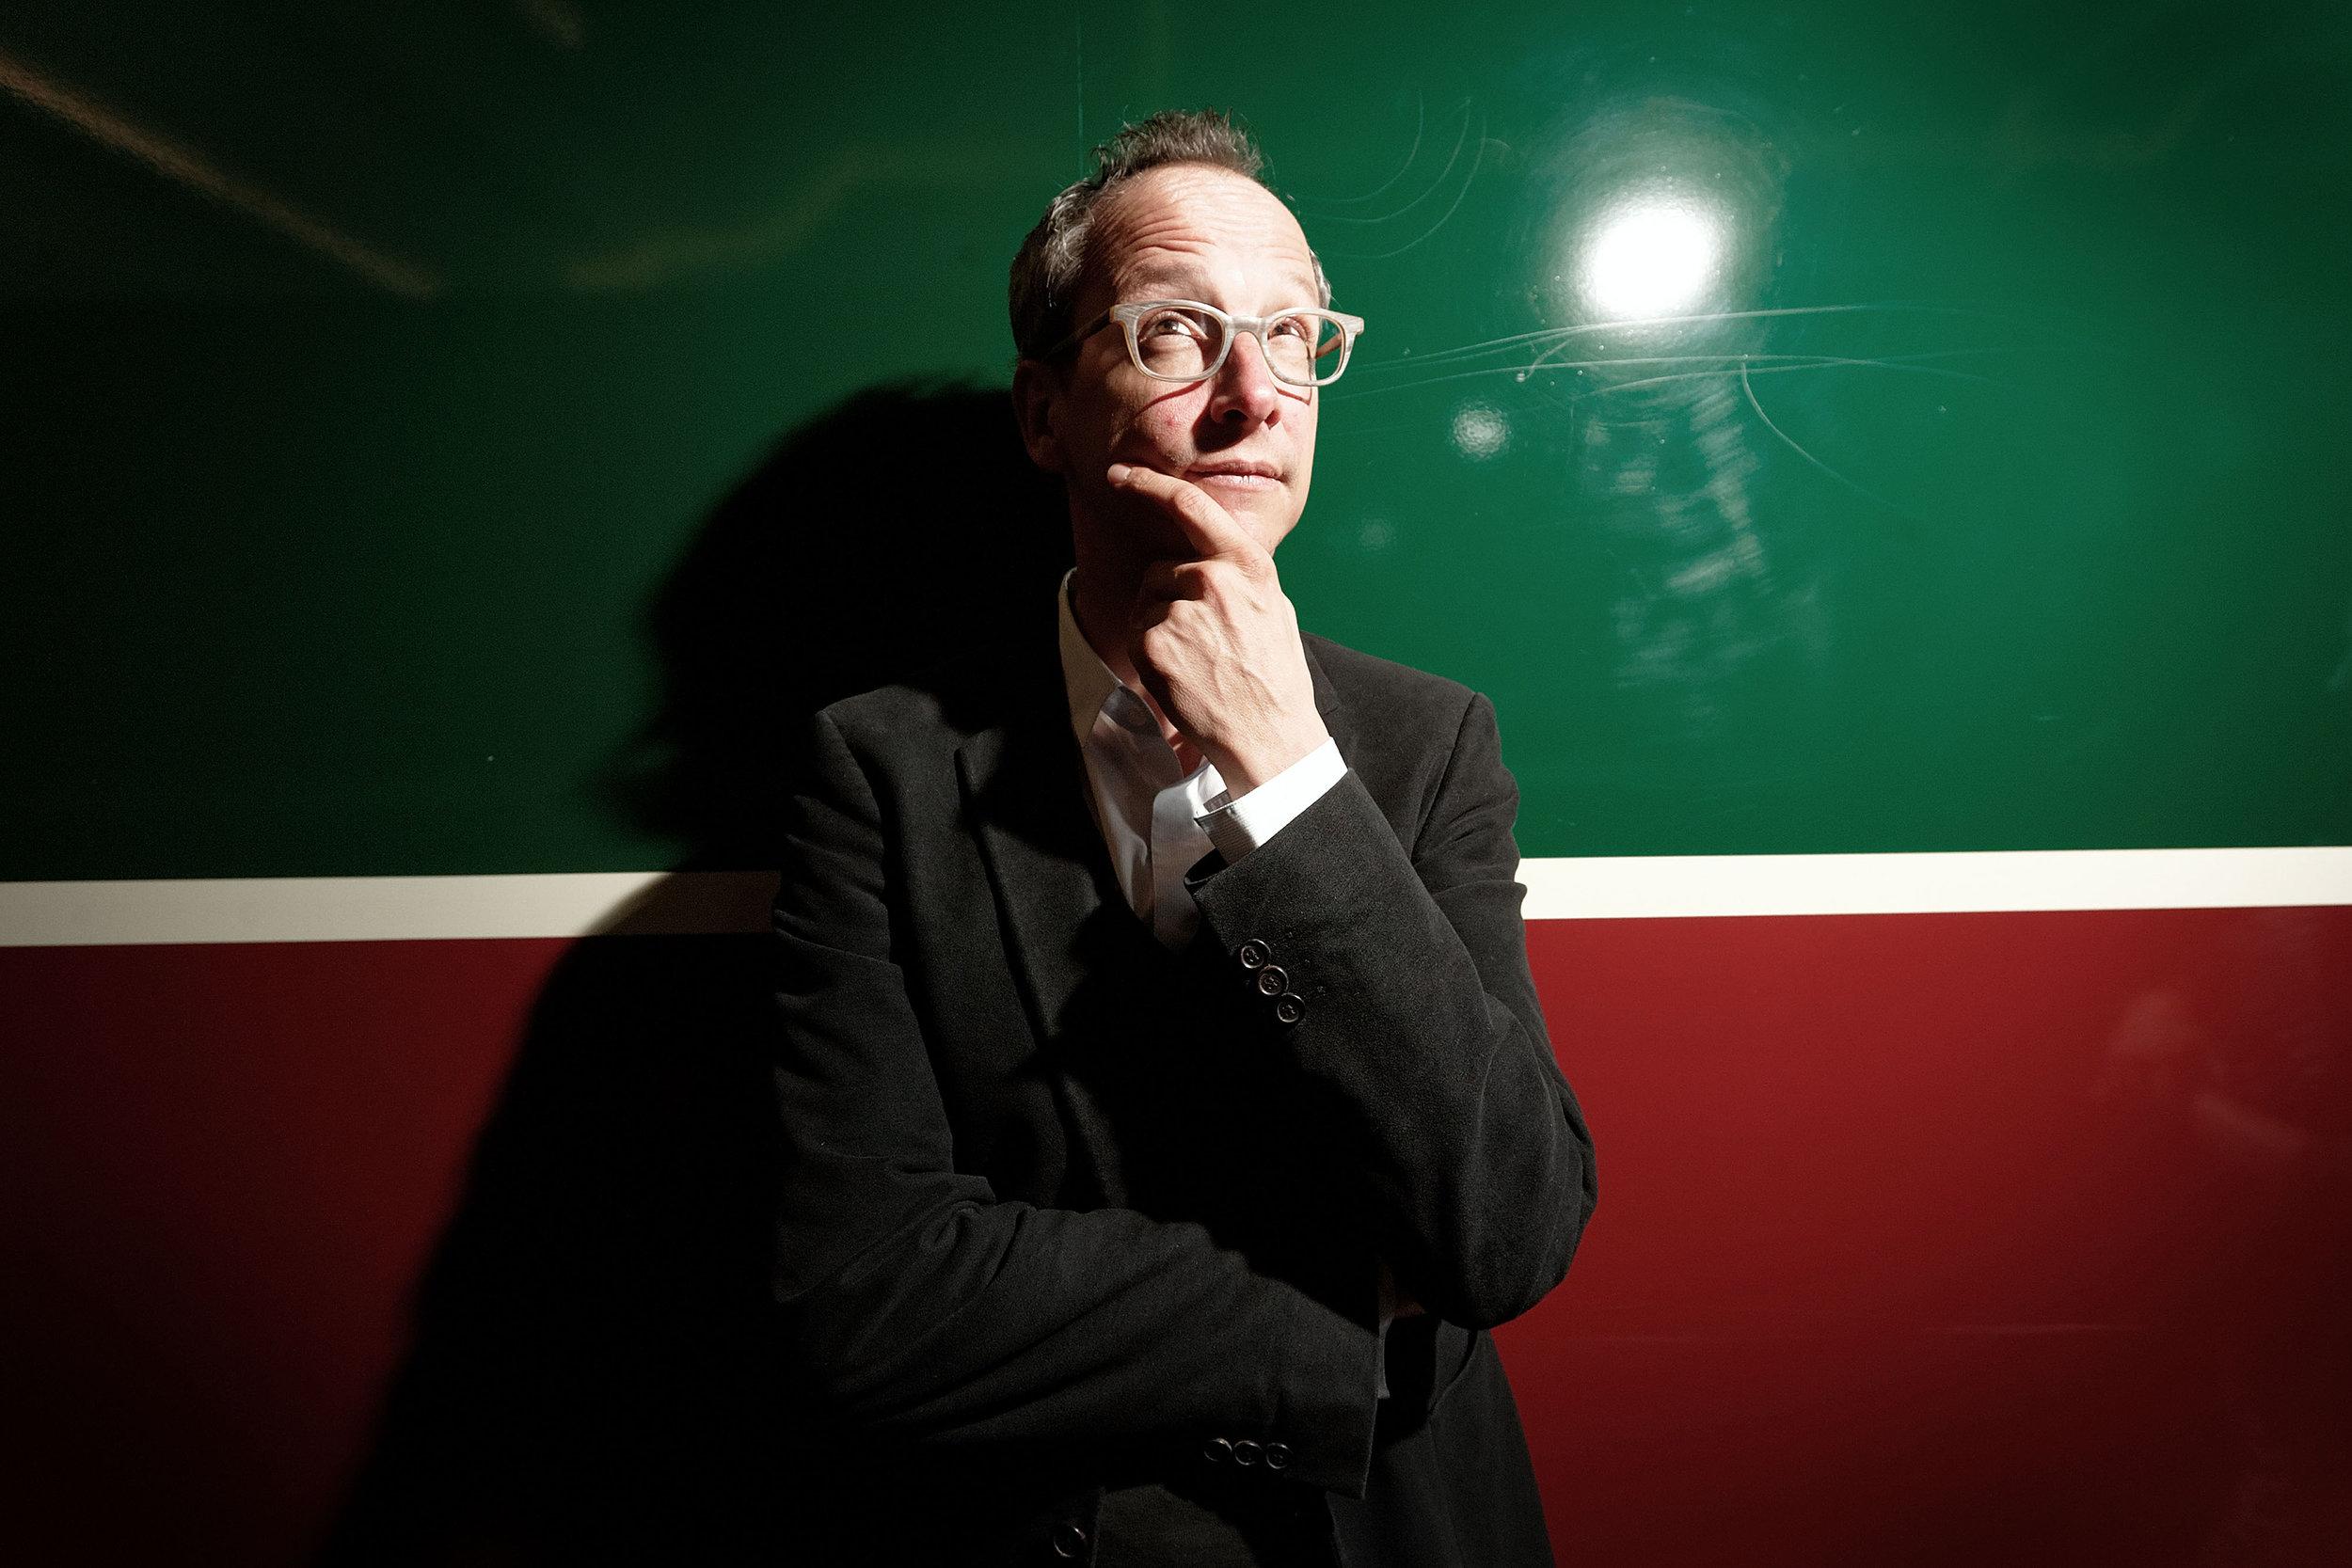 Hannes Hug, Filmemacher und Radiojournalist - SonntagsZeitung - 2014